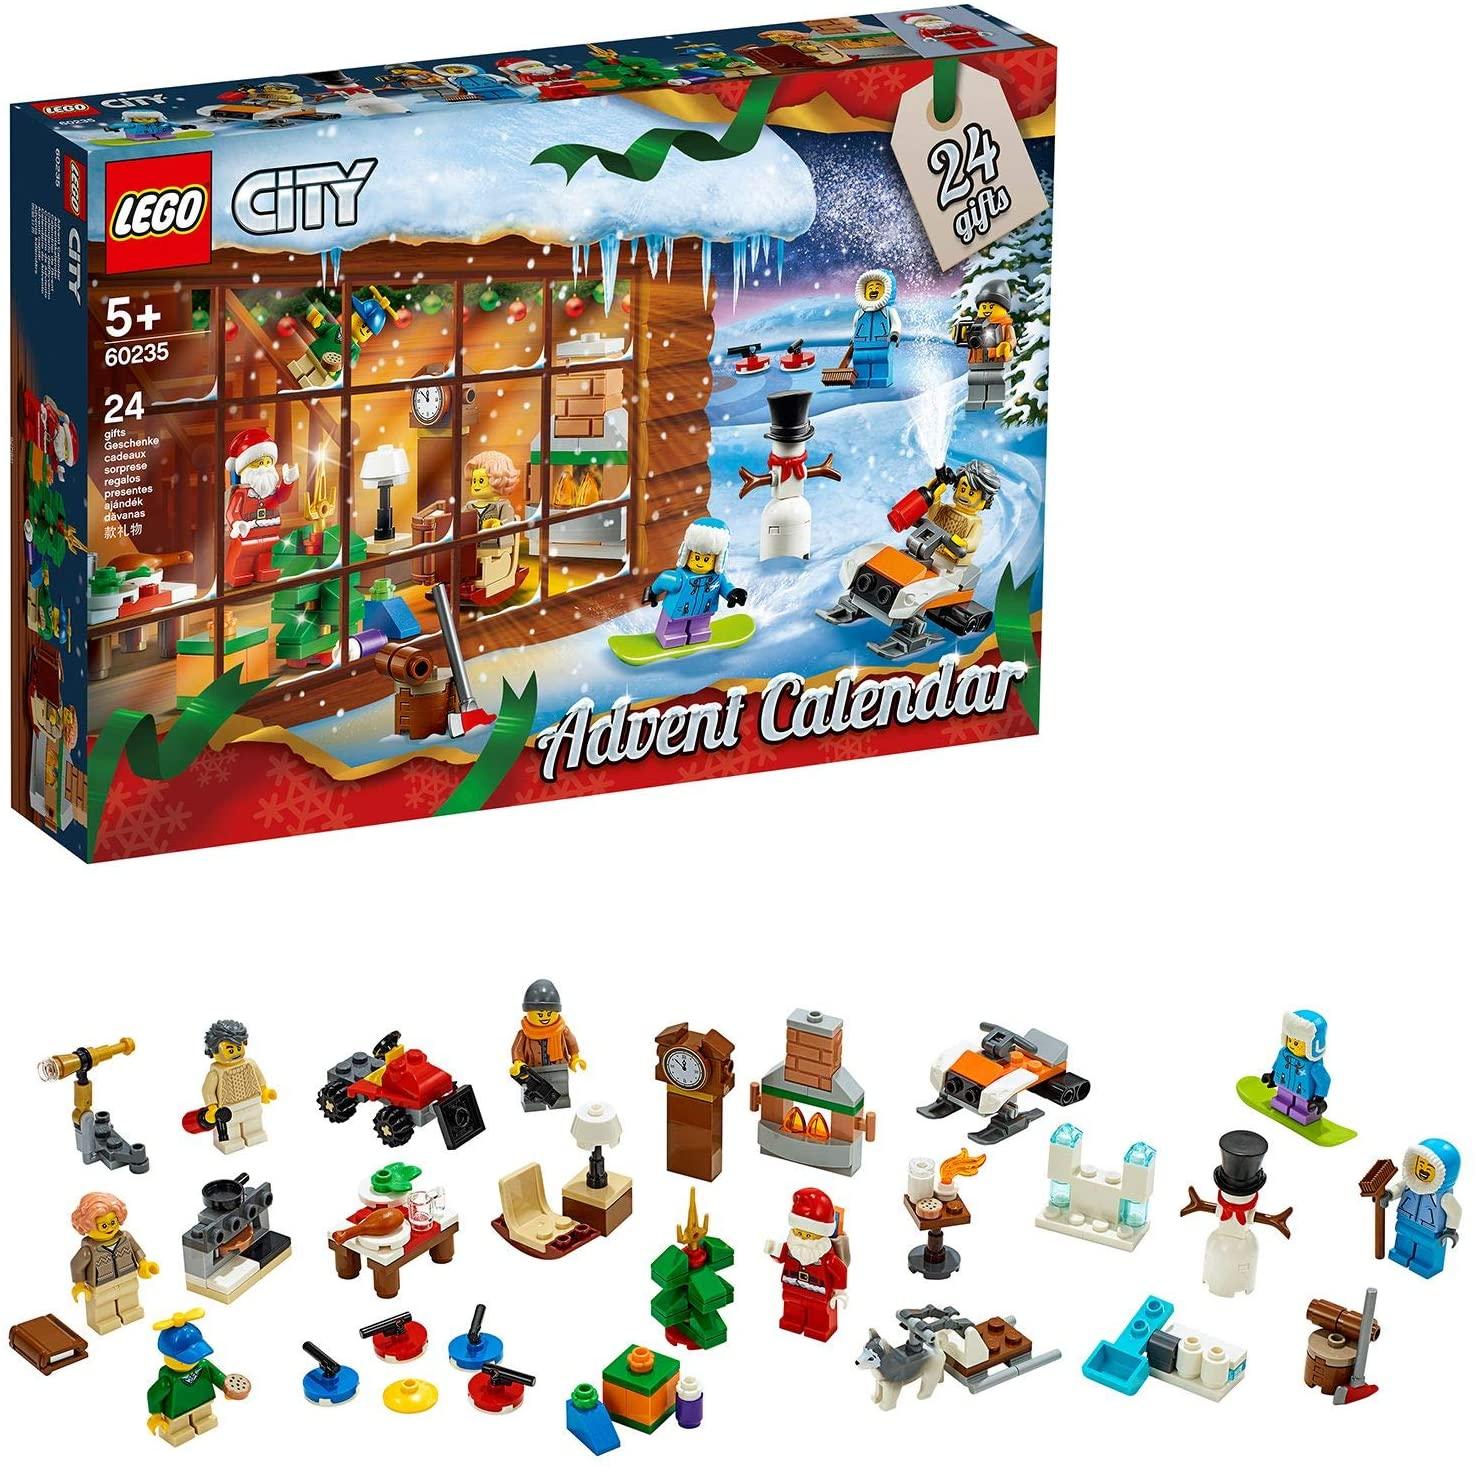 LEGO City Advent Calendar 2019